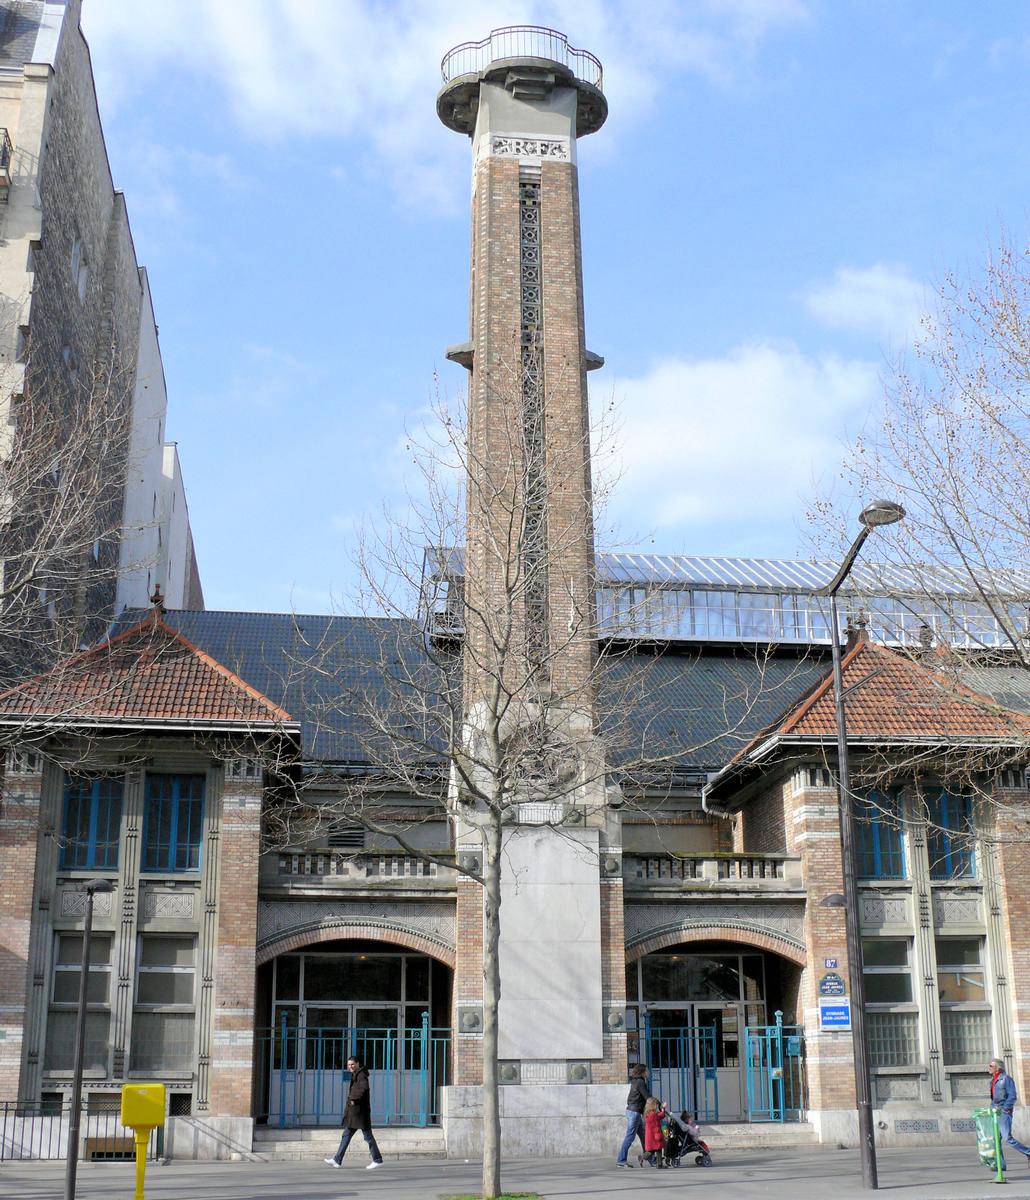 Image no. 137219 Paris 19 ème arrondissement - Gymnase Jean-Jaurès